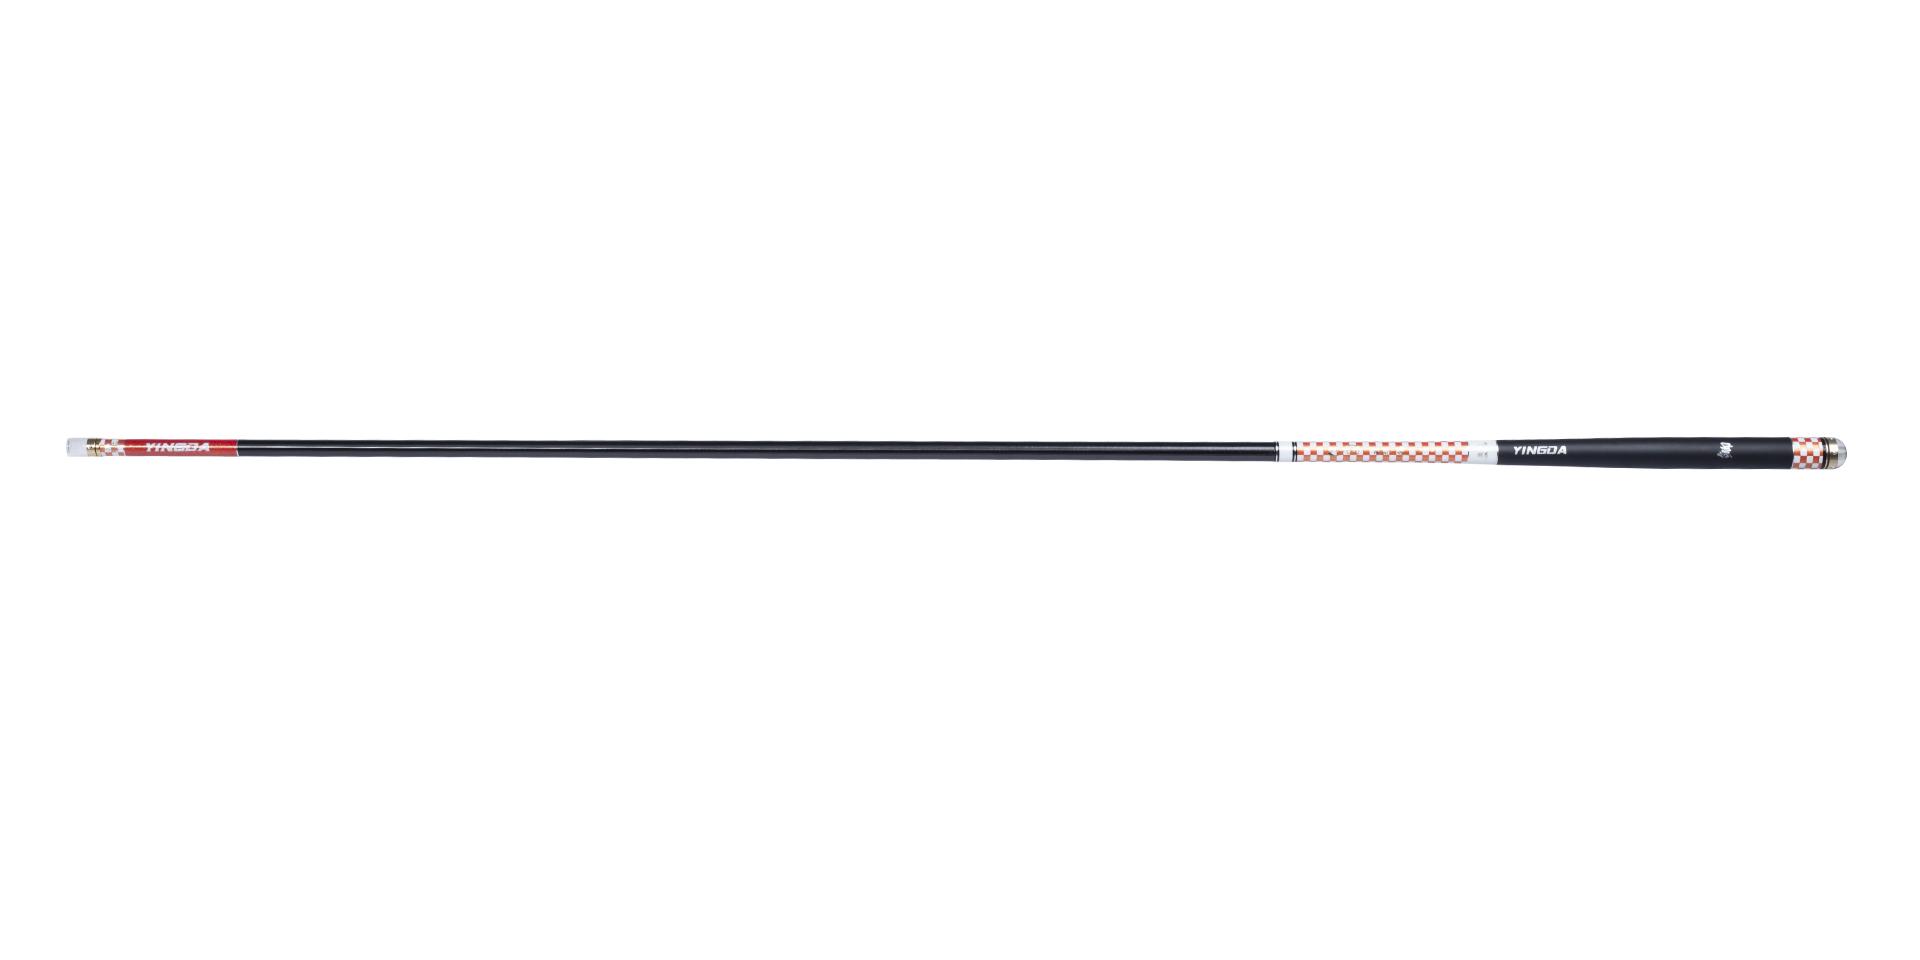 英大十周年鲫升级版,国内几十名竞钓大师实测联袂推荐款,一款综合性能超强的轻量设计鲫鱼竿